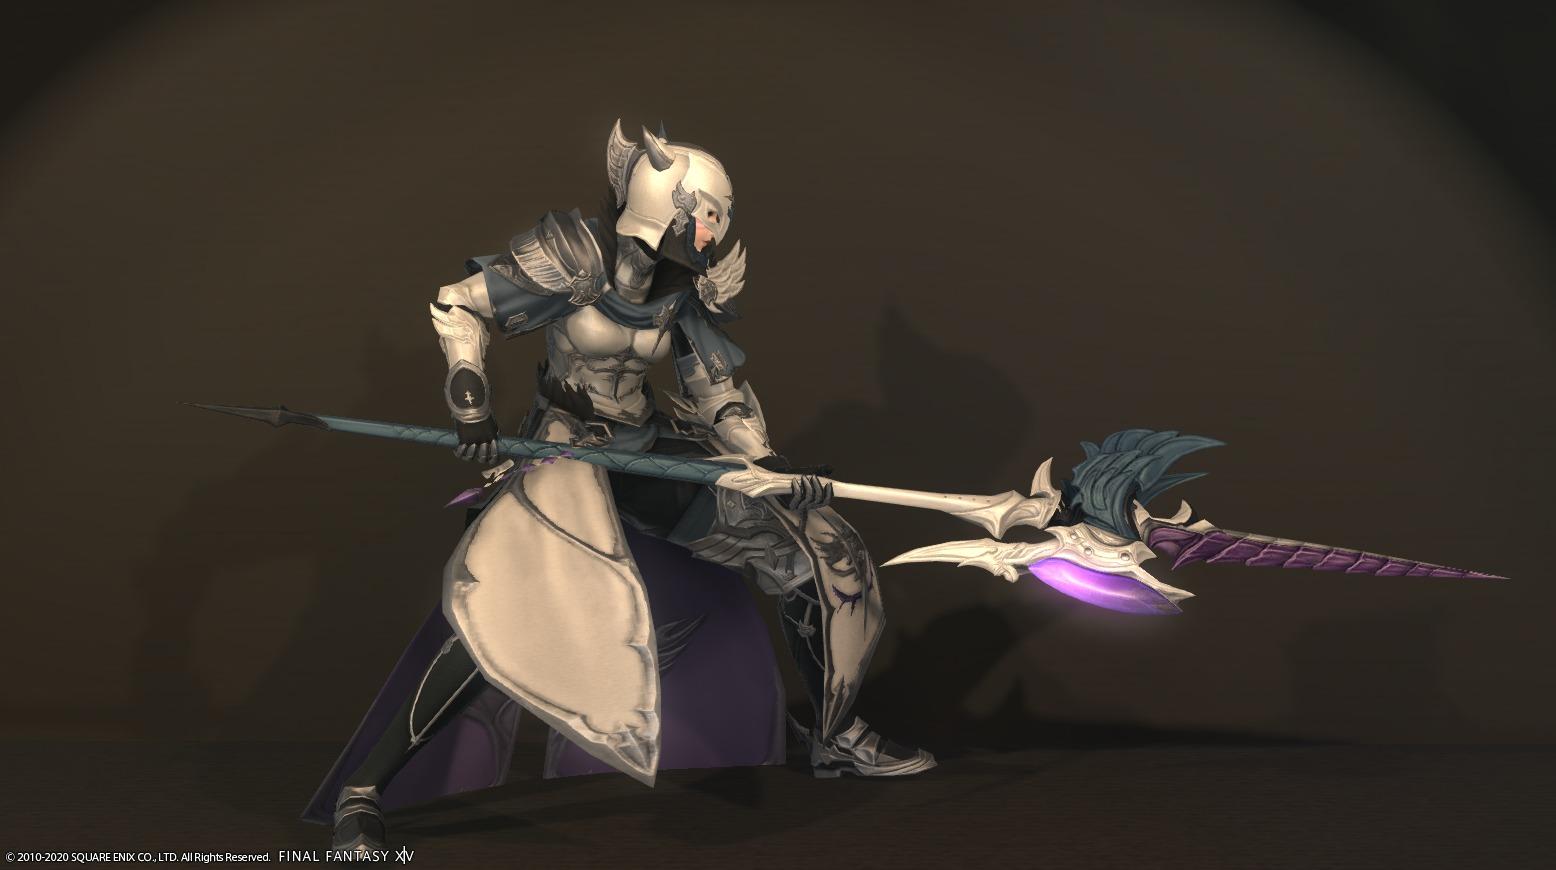 エデン竜騎士全身武器合わせ